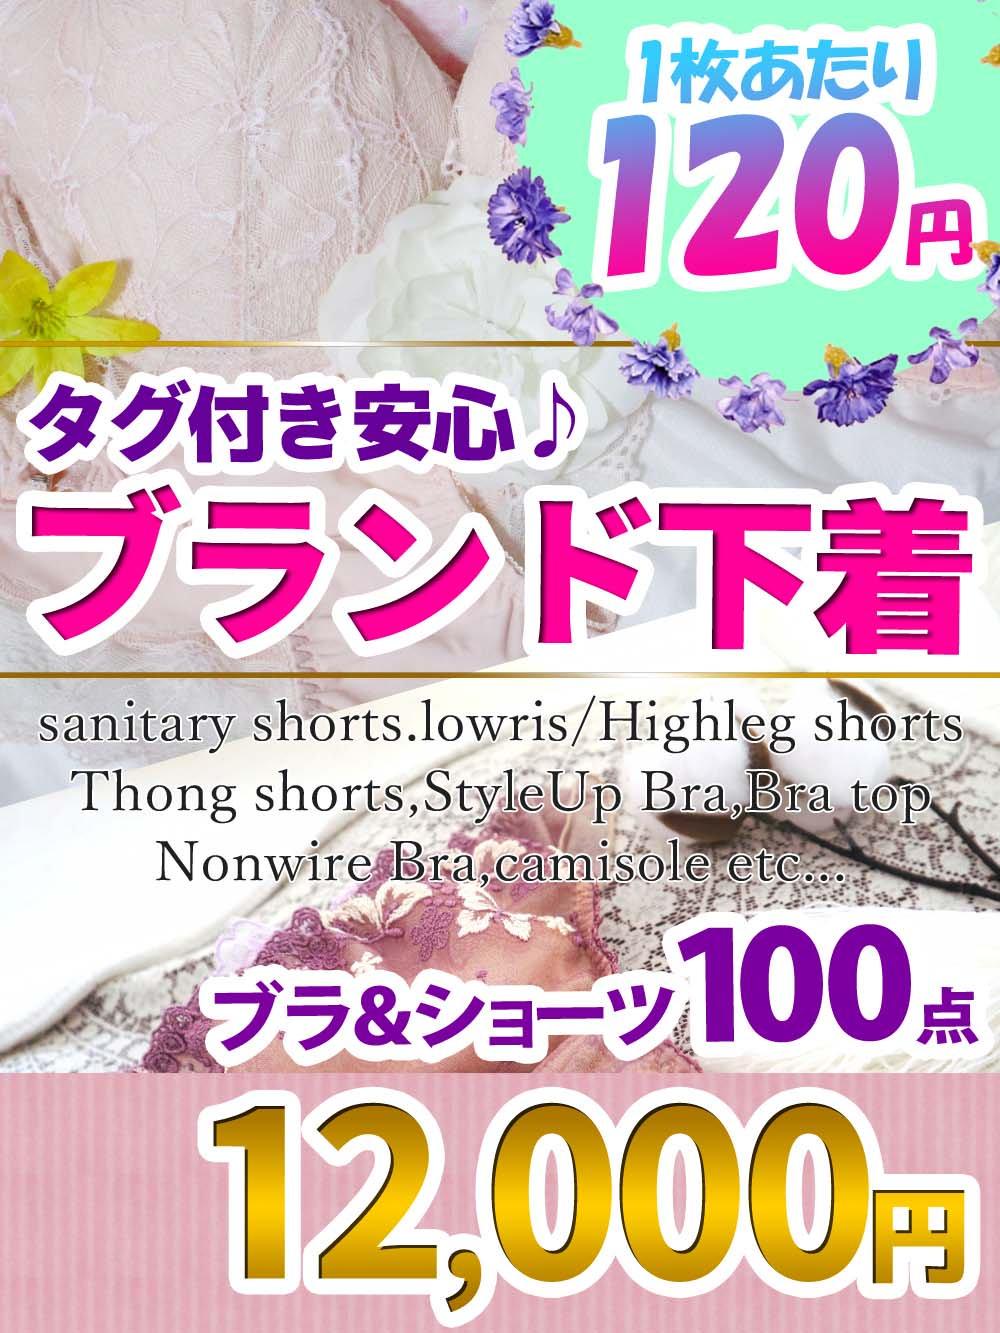 【ダグ付き】【ブランド下着ALL120円】ブラ&ショーツ等100点アソート